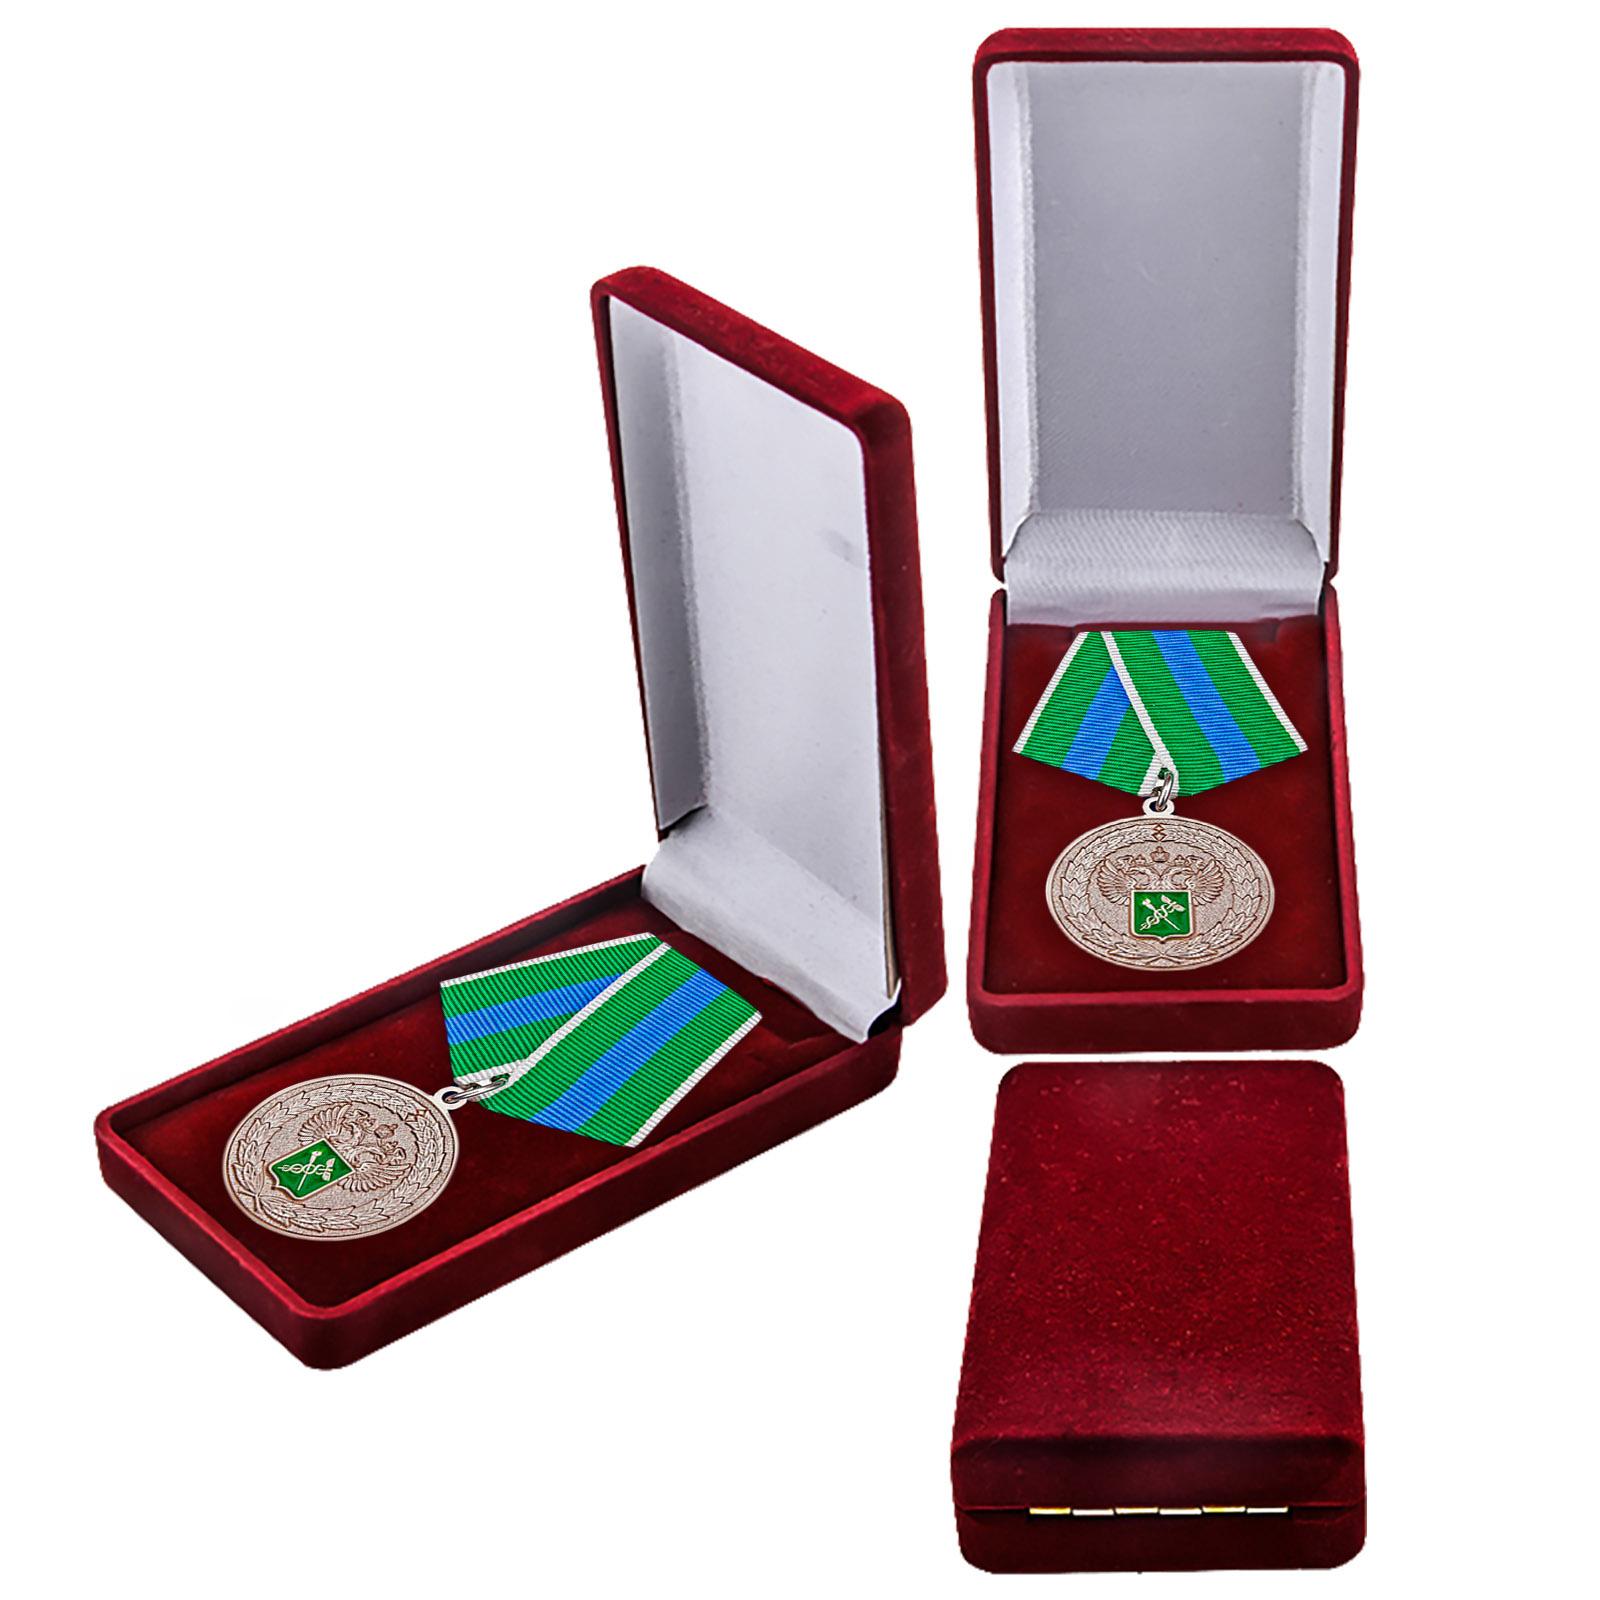 медаль таможенное содружество картинки детали нужно менять